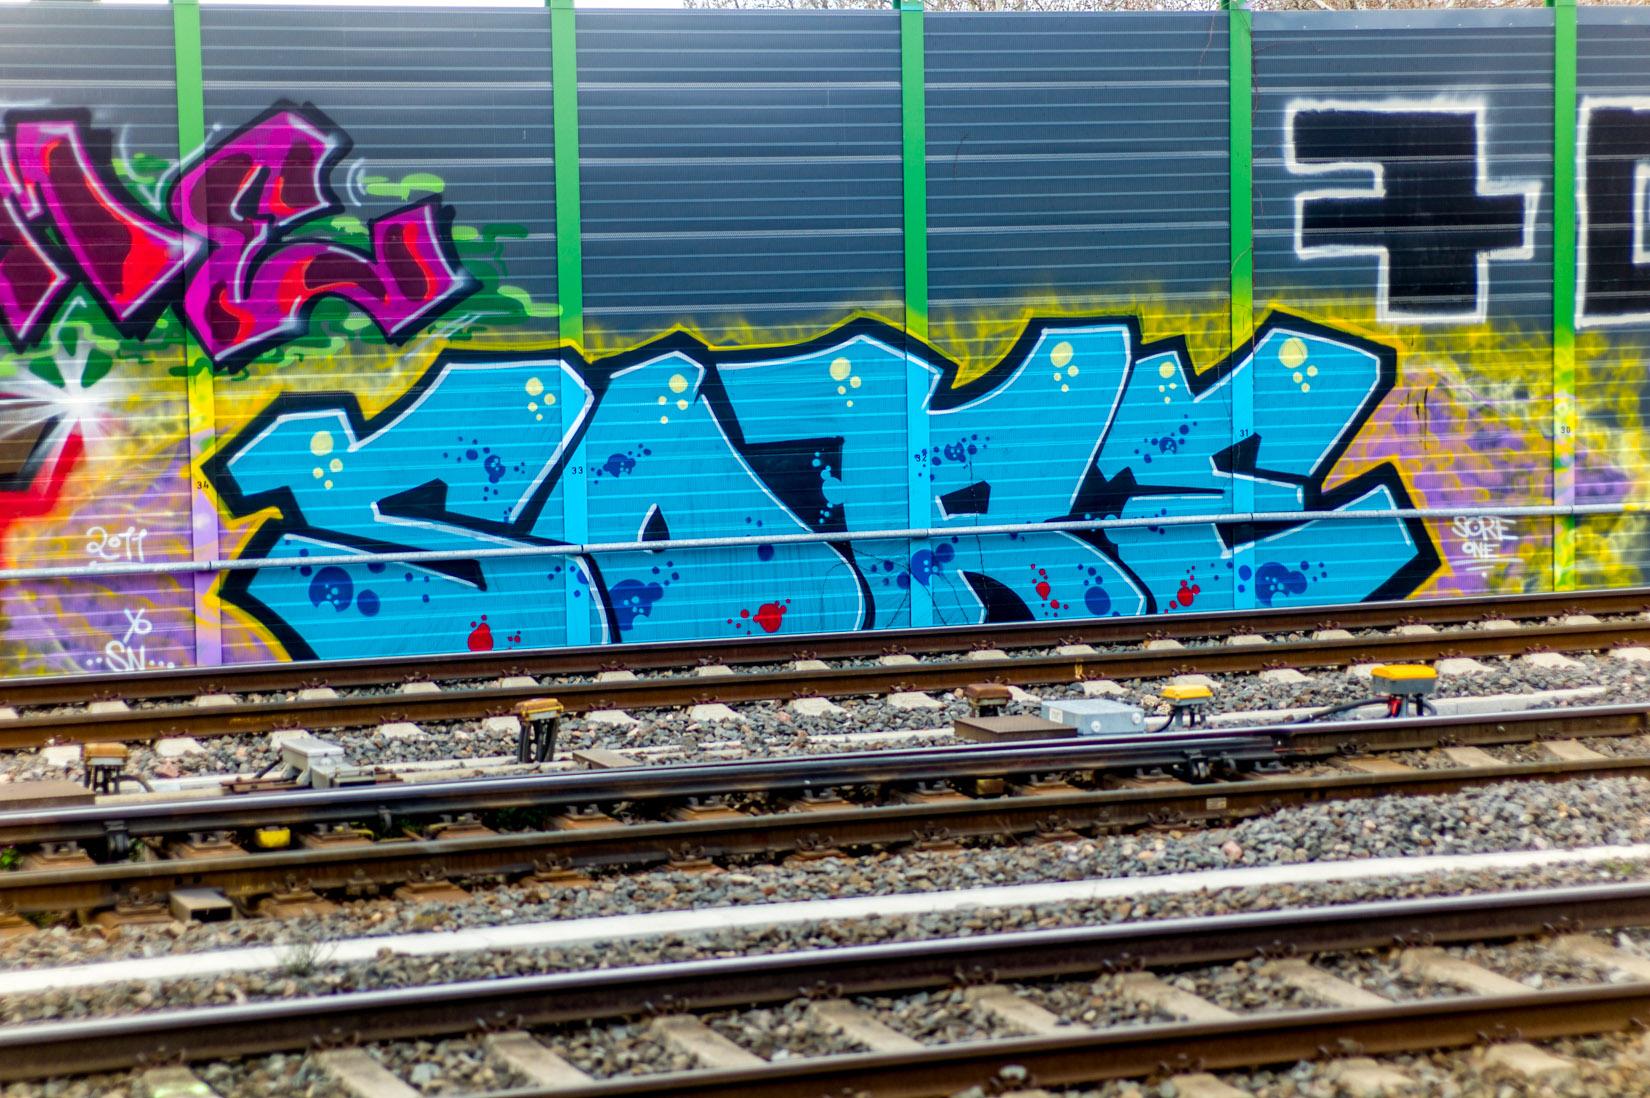 Frankfurt_Graffiti_Gallus Warte_2014-03 (31 von 45)